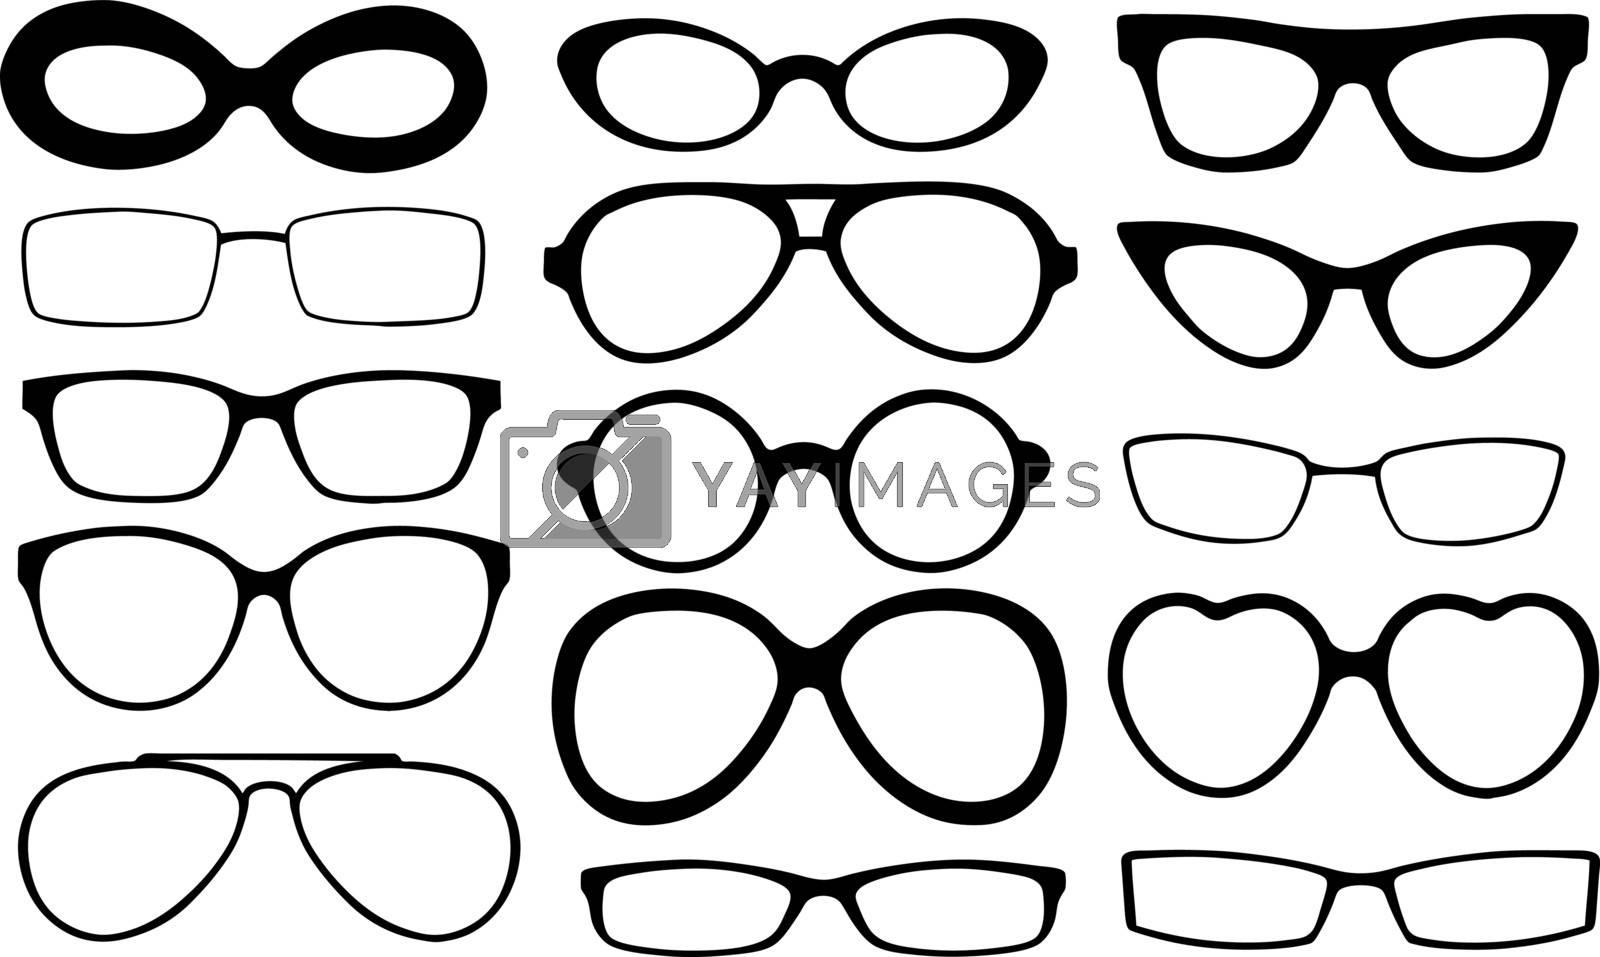 set of different eyeglasses frames